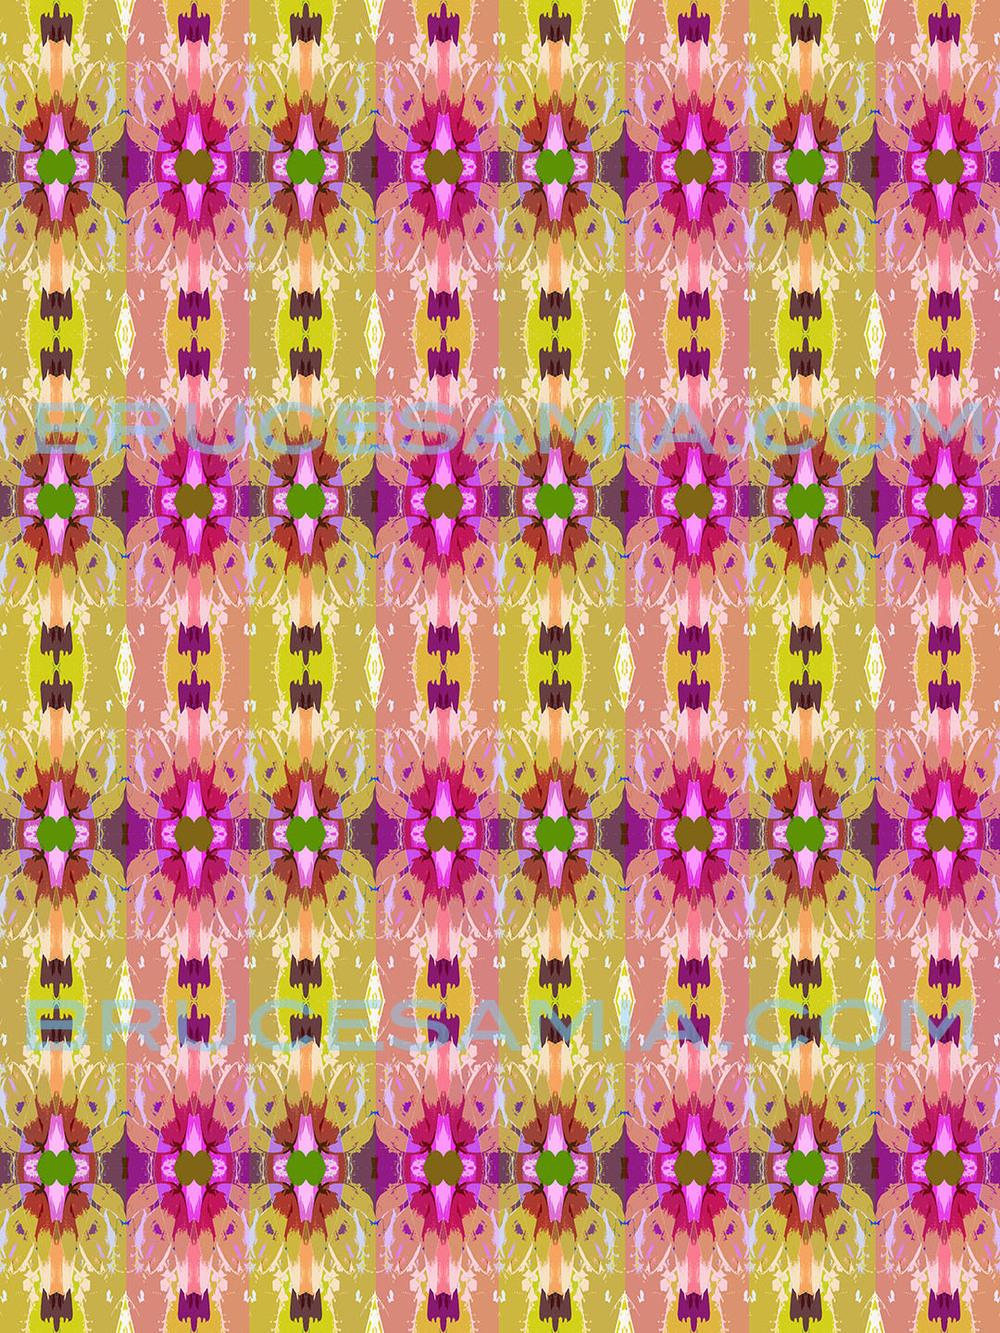 10.stripe-fleur-yellow-pink-24x32